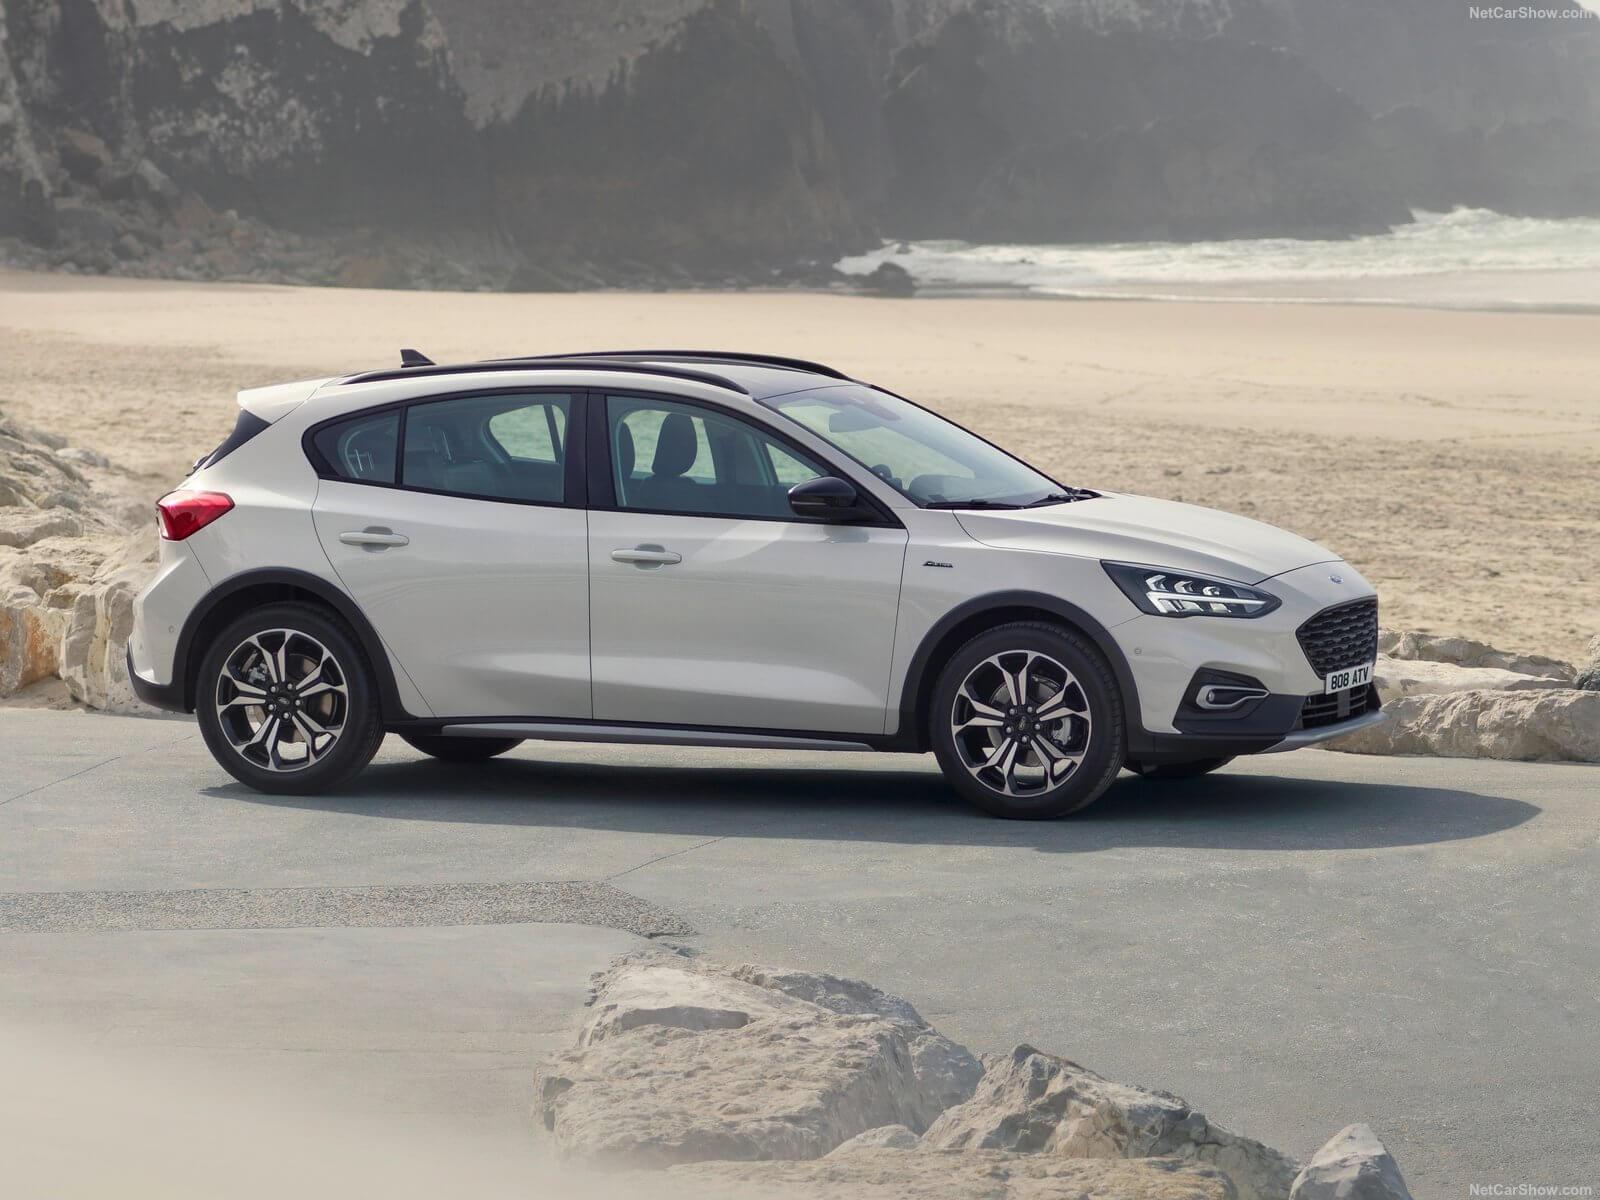 Ford desistiu de vender versão Active nos EUA por conta de imposto mais alto